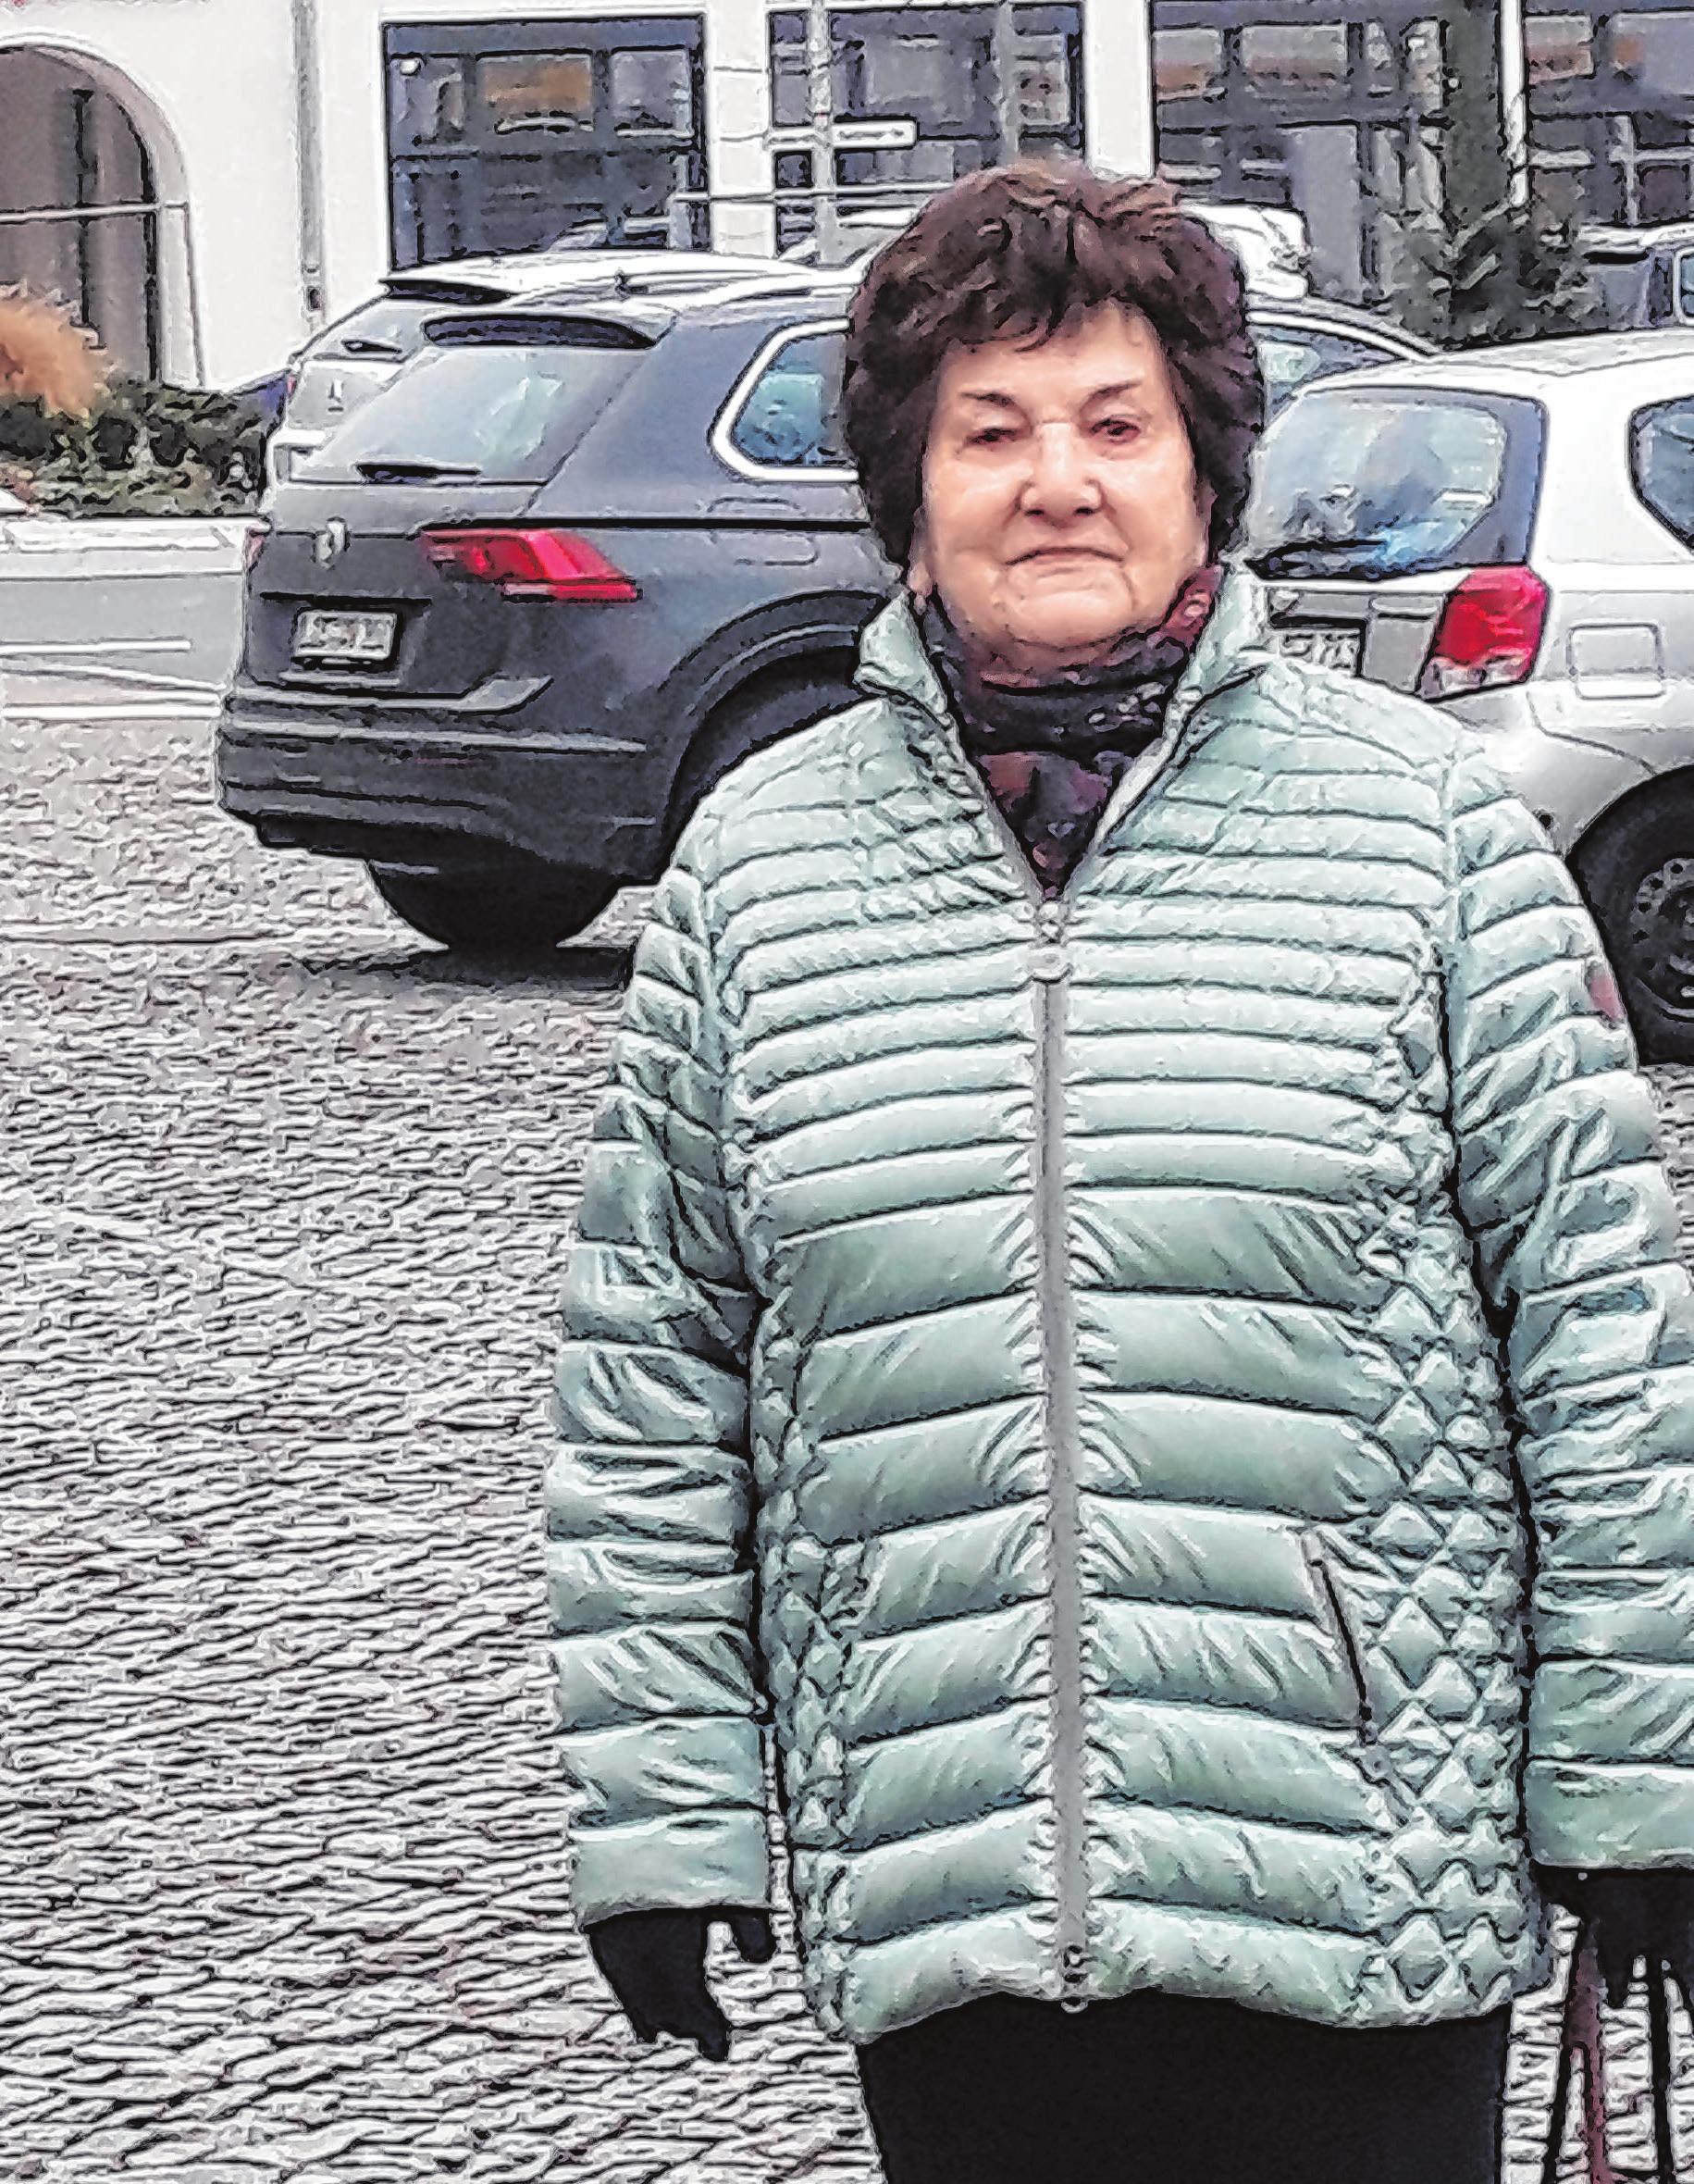 Heidi Meißner: Gut, dass ein Schandfleck verschwunden ist.Fotos (2): Bernd Rösele